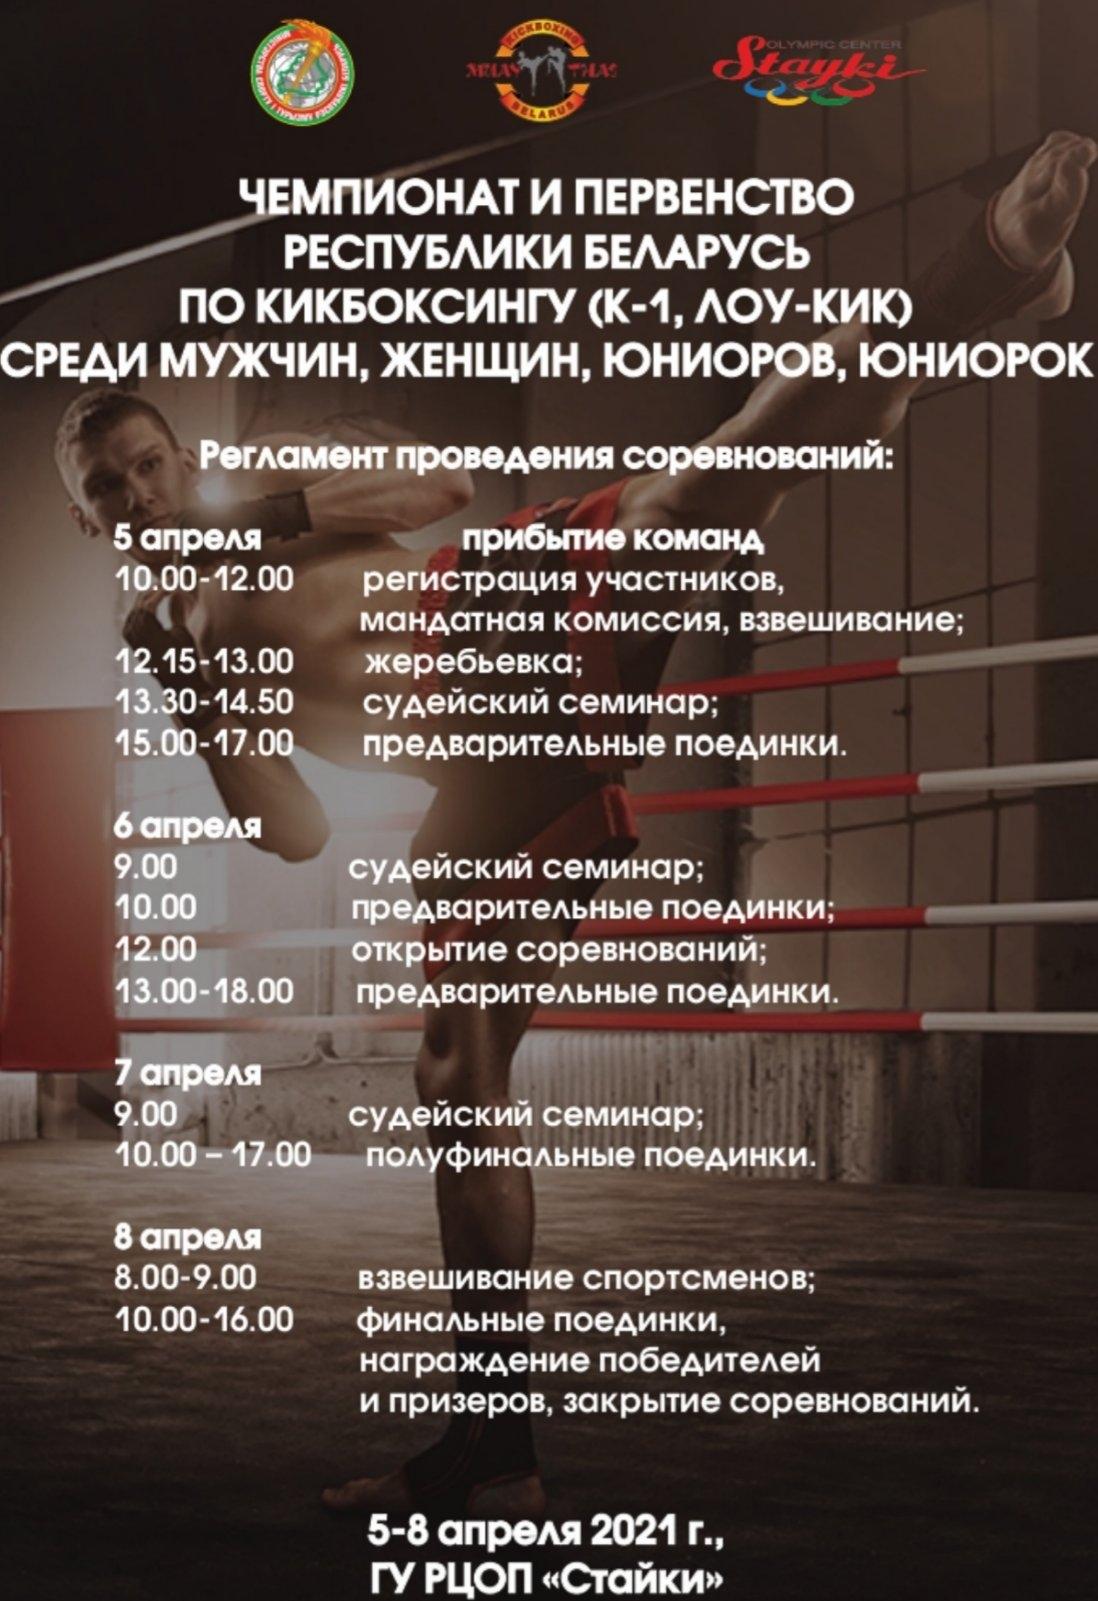 ЧЕМПИОНАТ И ПЕРВЕНСТВО РЕСПУБЛИКИ БЕЛАРУСЬ.